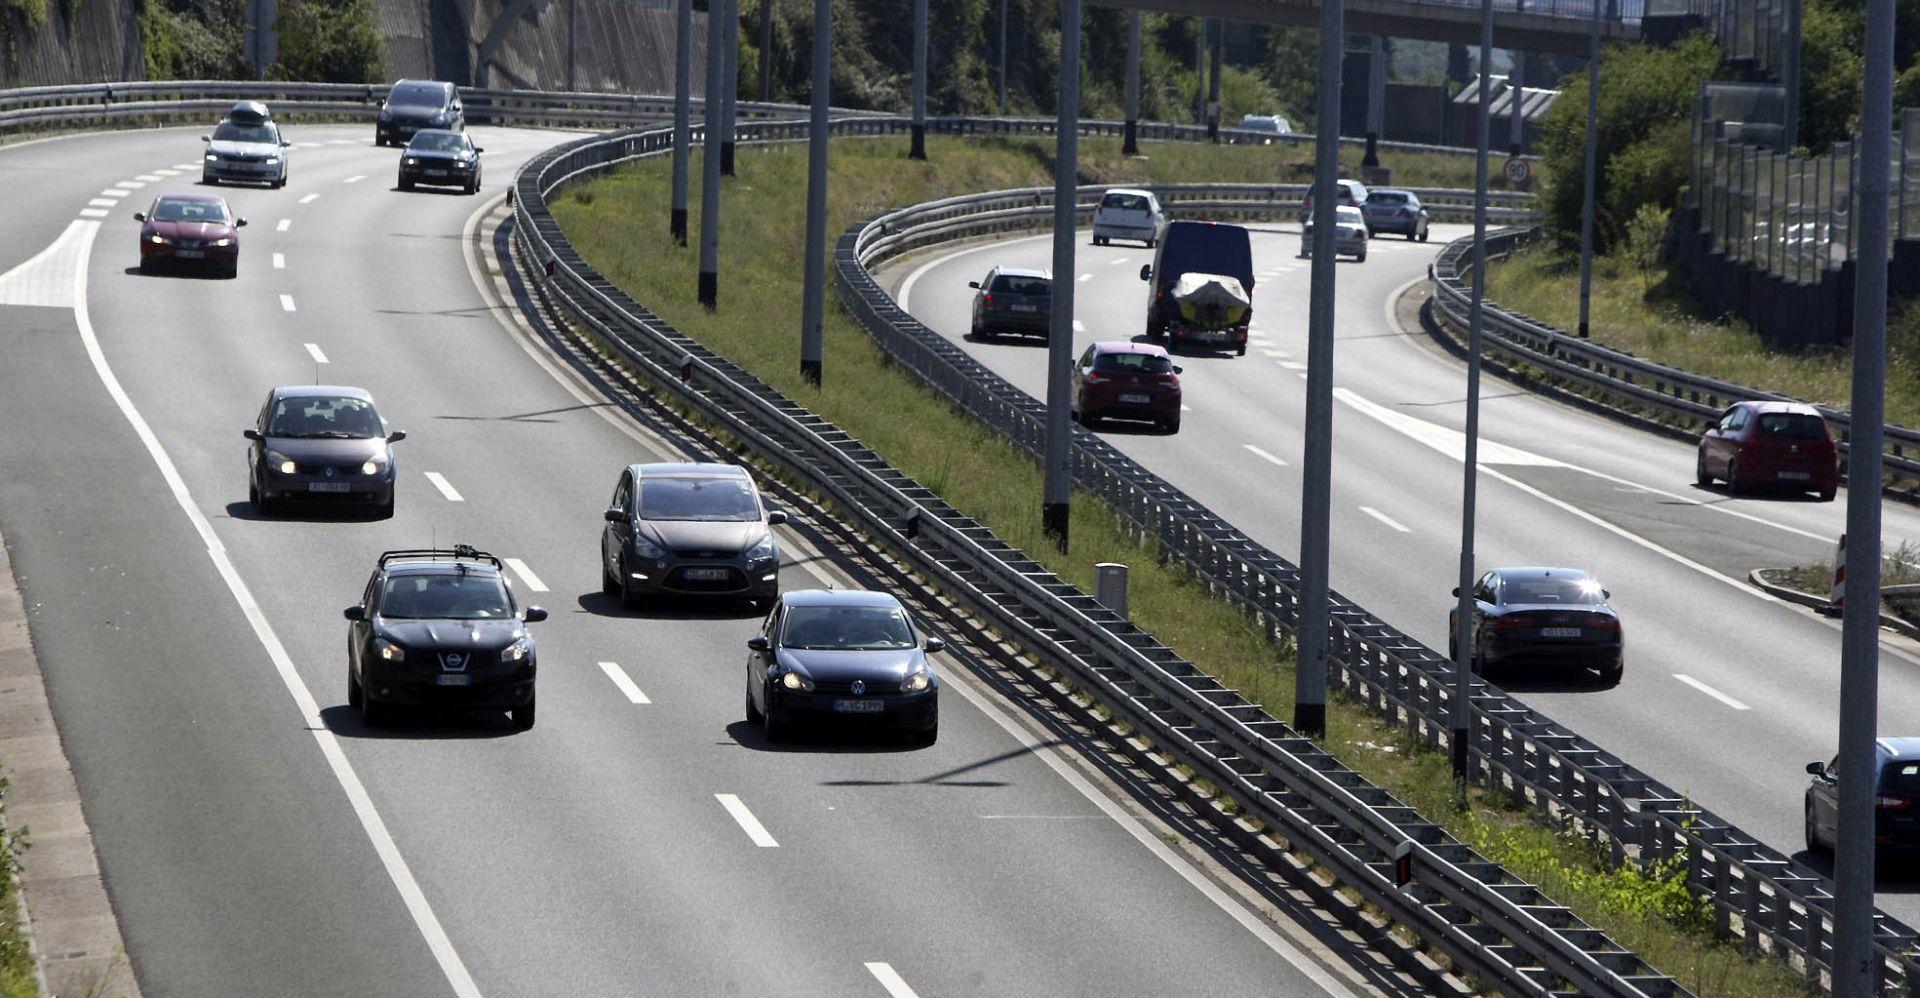 Na A3 u prometnoj nesreći jedan poginuli i 4 ozlijeđena